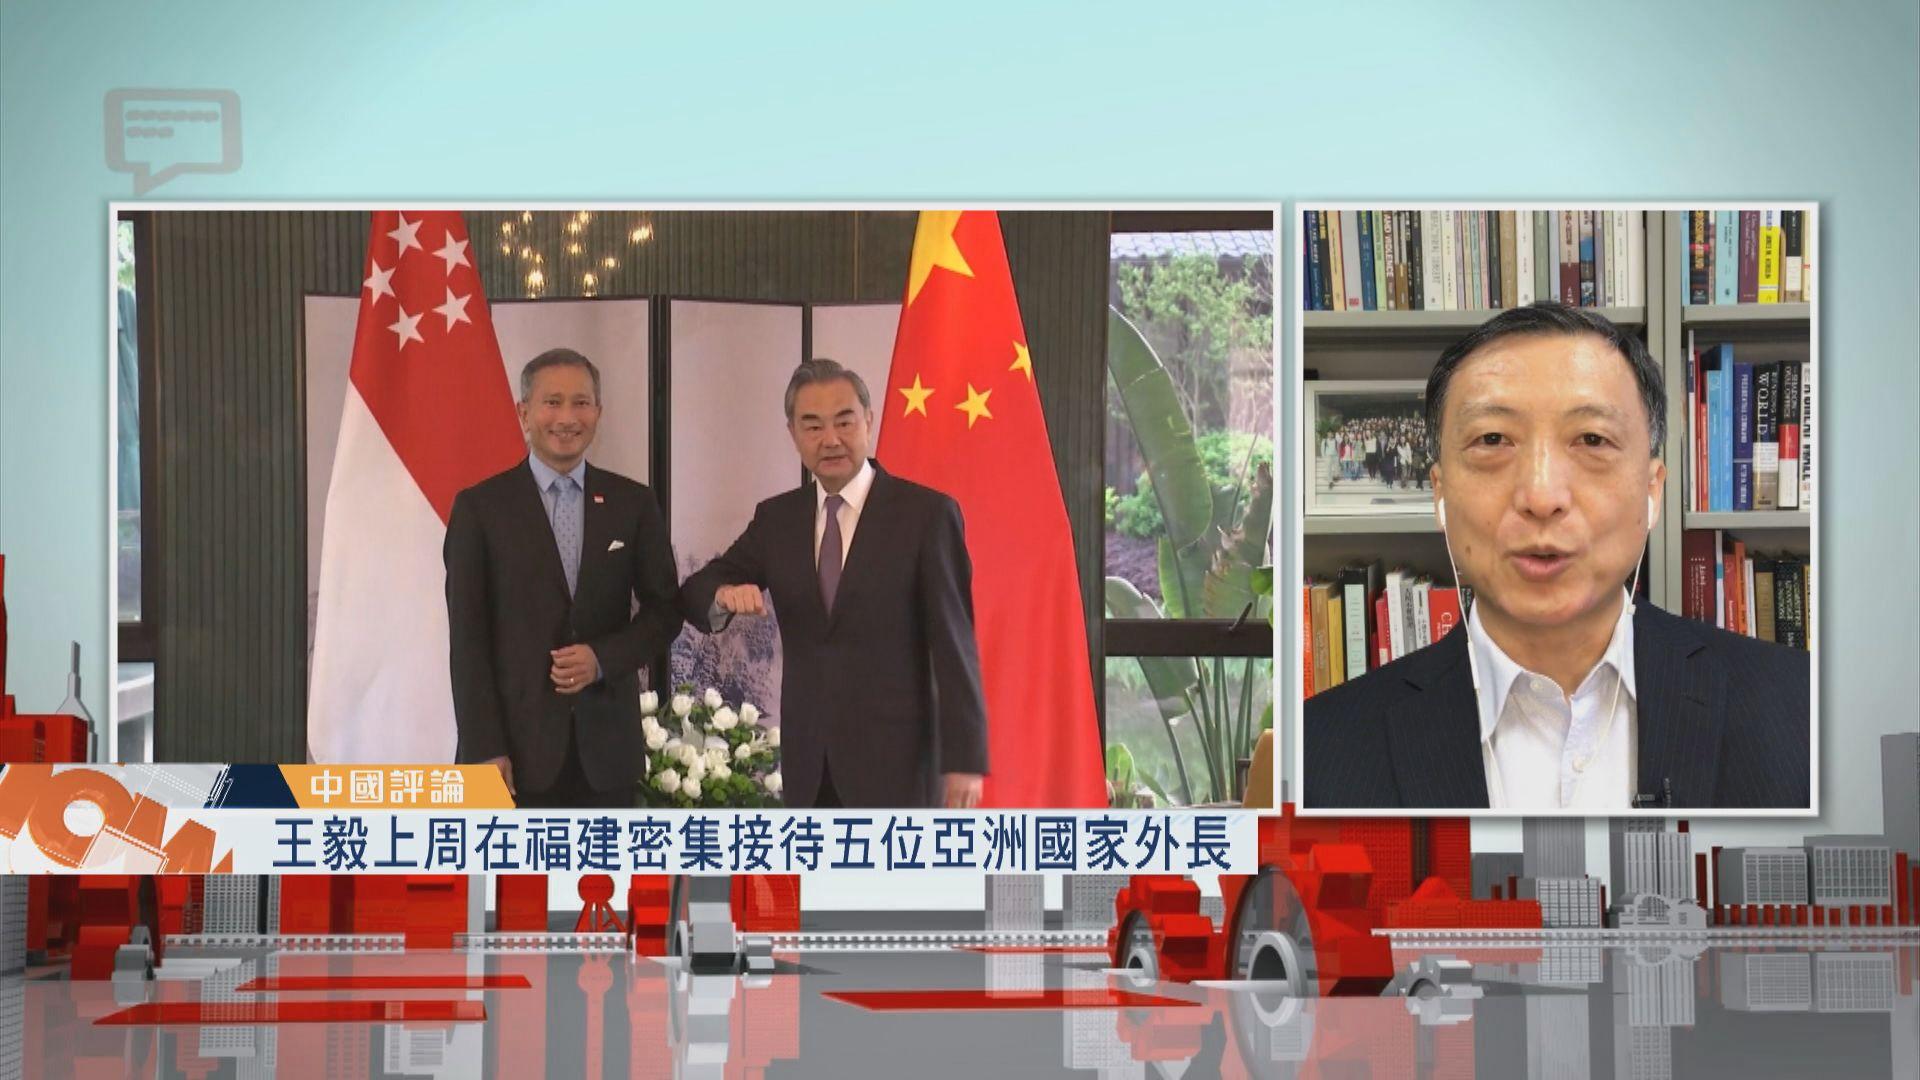 【中國評論】王毅福建密集接待五亞洲國家外長